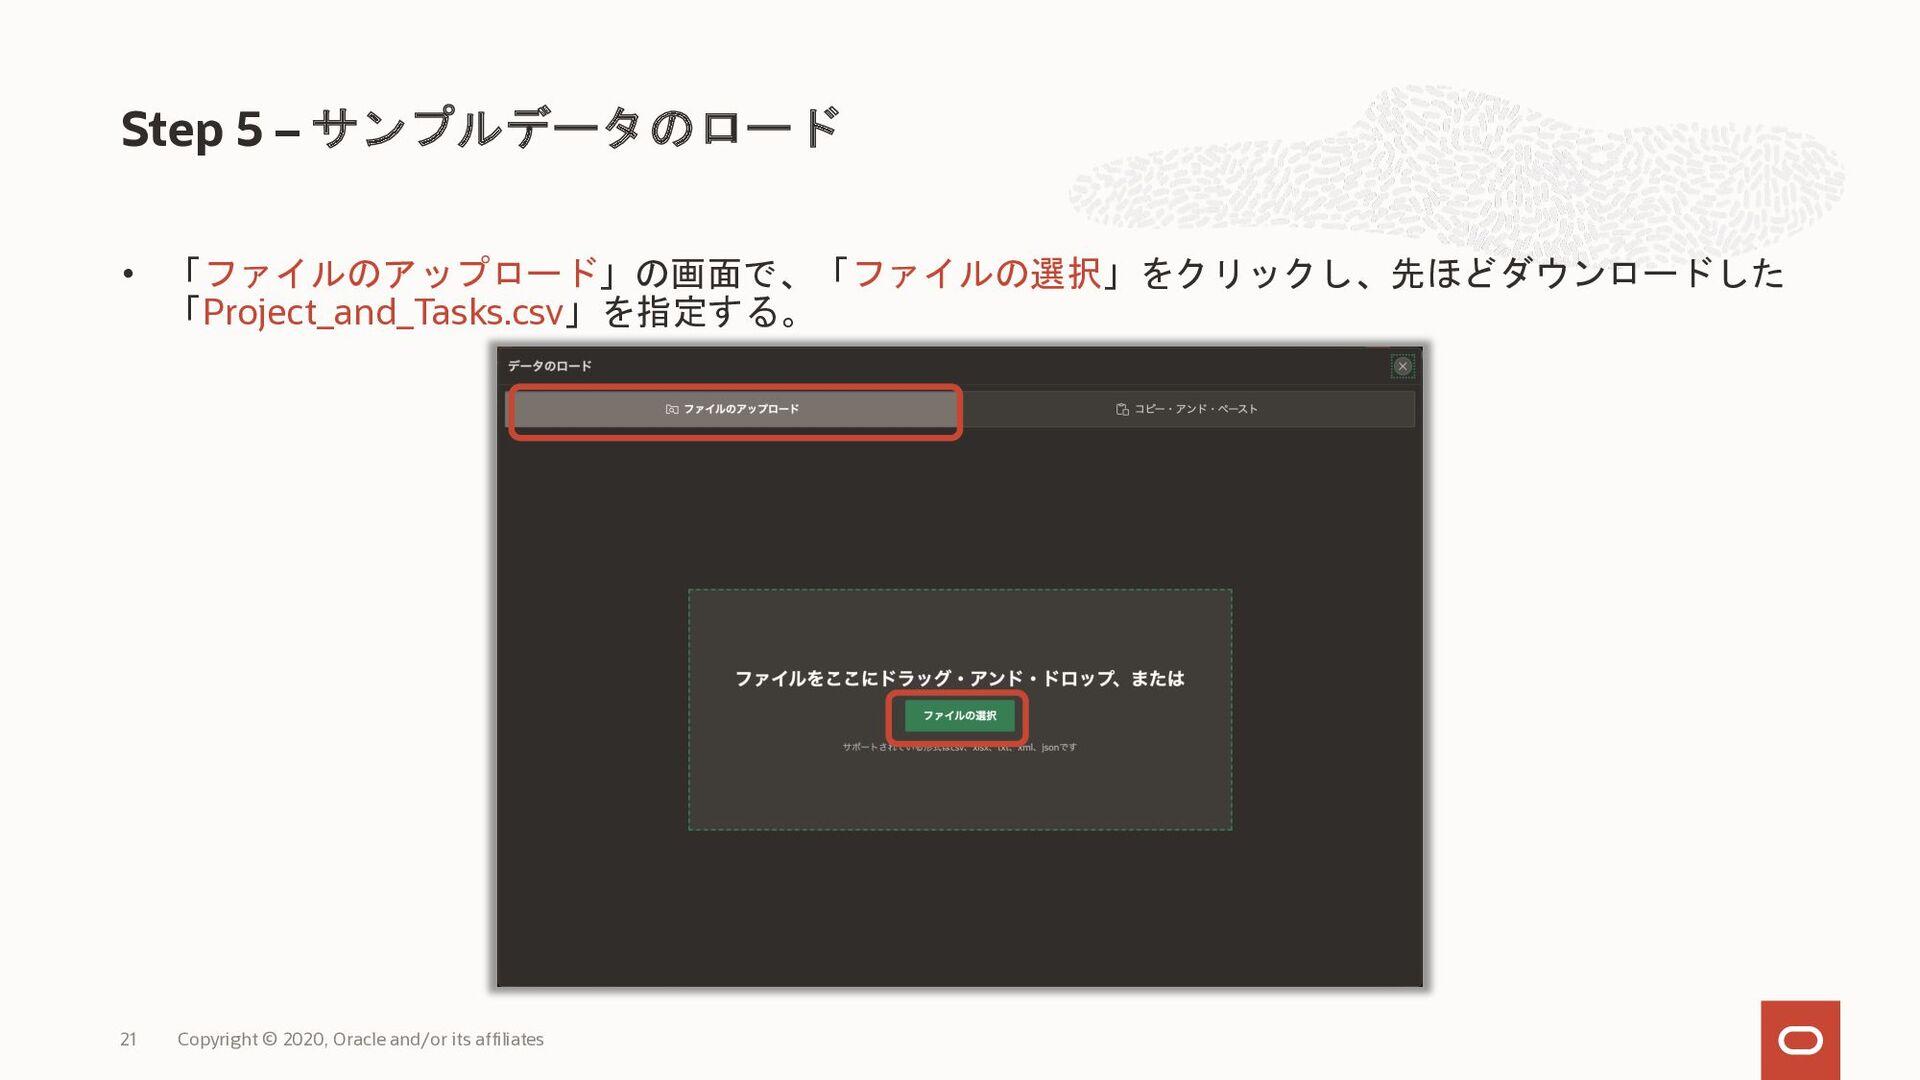 • 「ファイルのアップロード」の画面で、「ファイルの選択」をクリックし、先ほどダウンロードした...